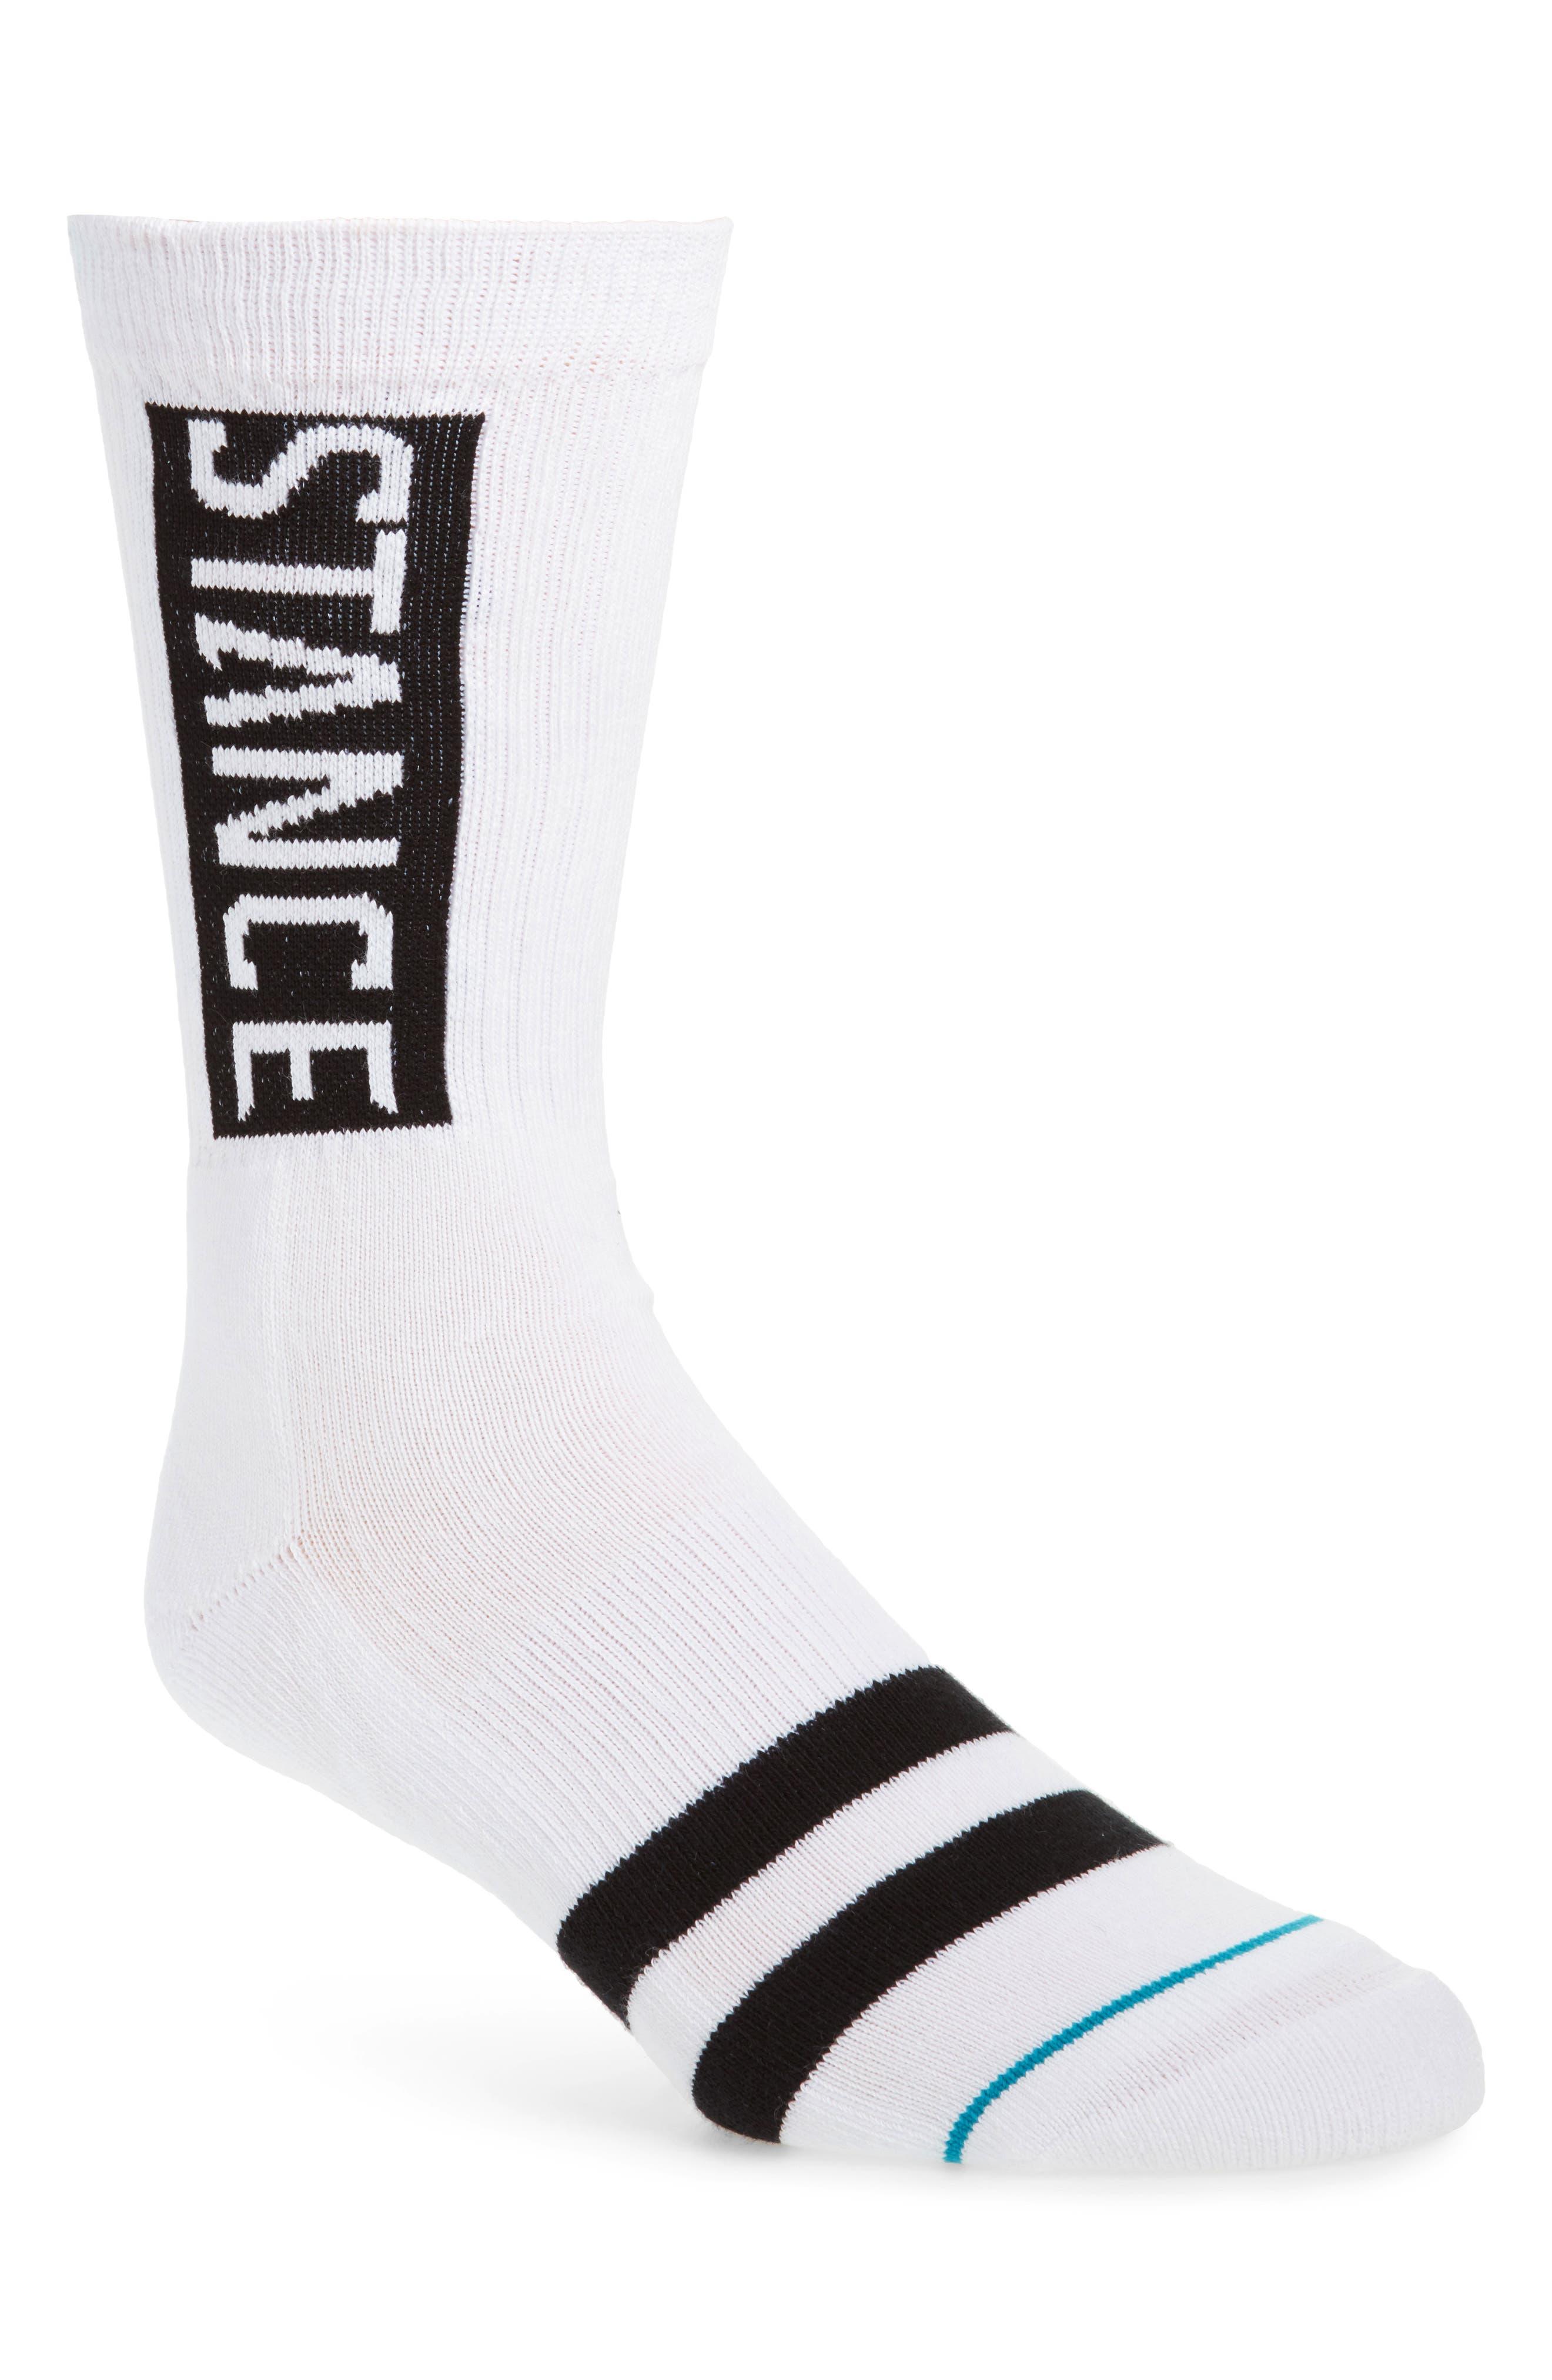 OG Crew Socks,                         Main,                         color, WHITE